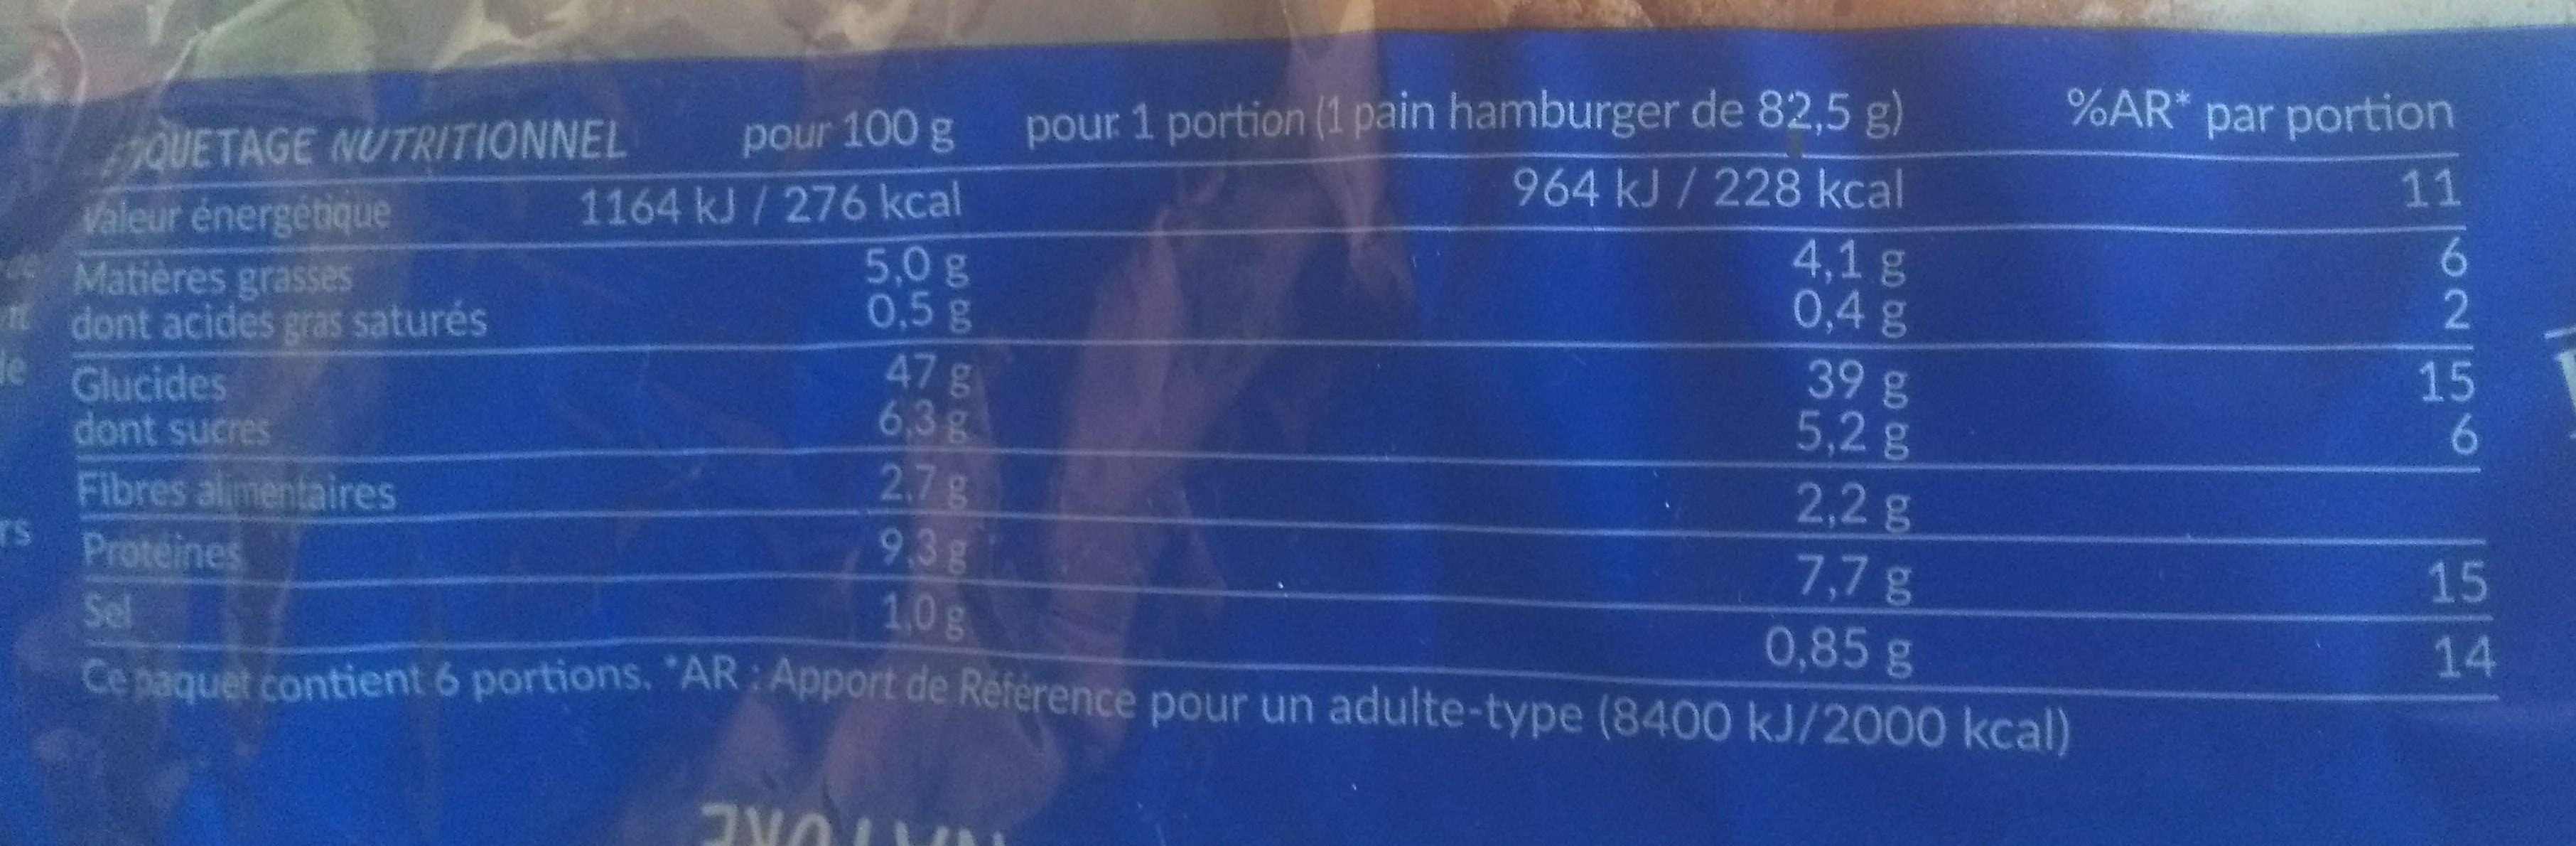 Pain Hamburger - Voedingswaarden